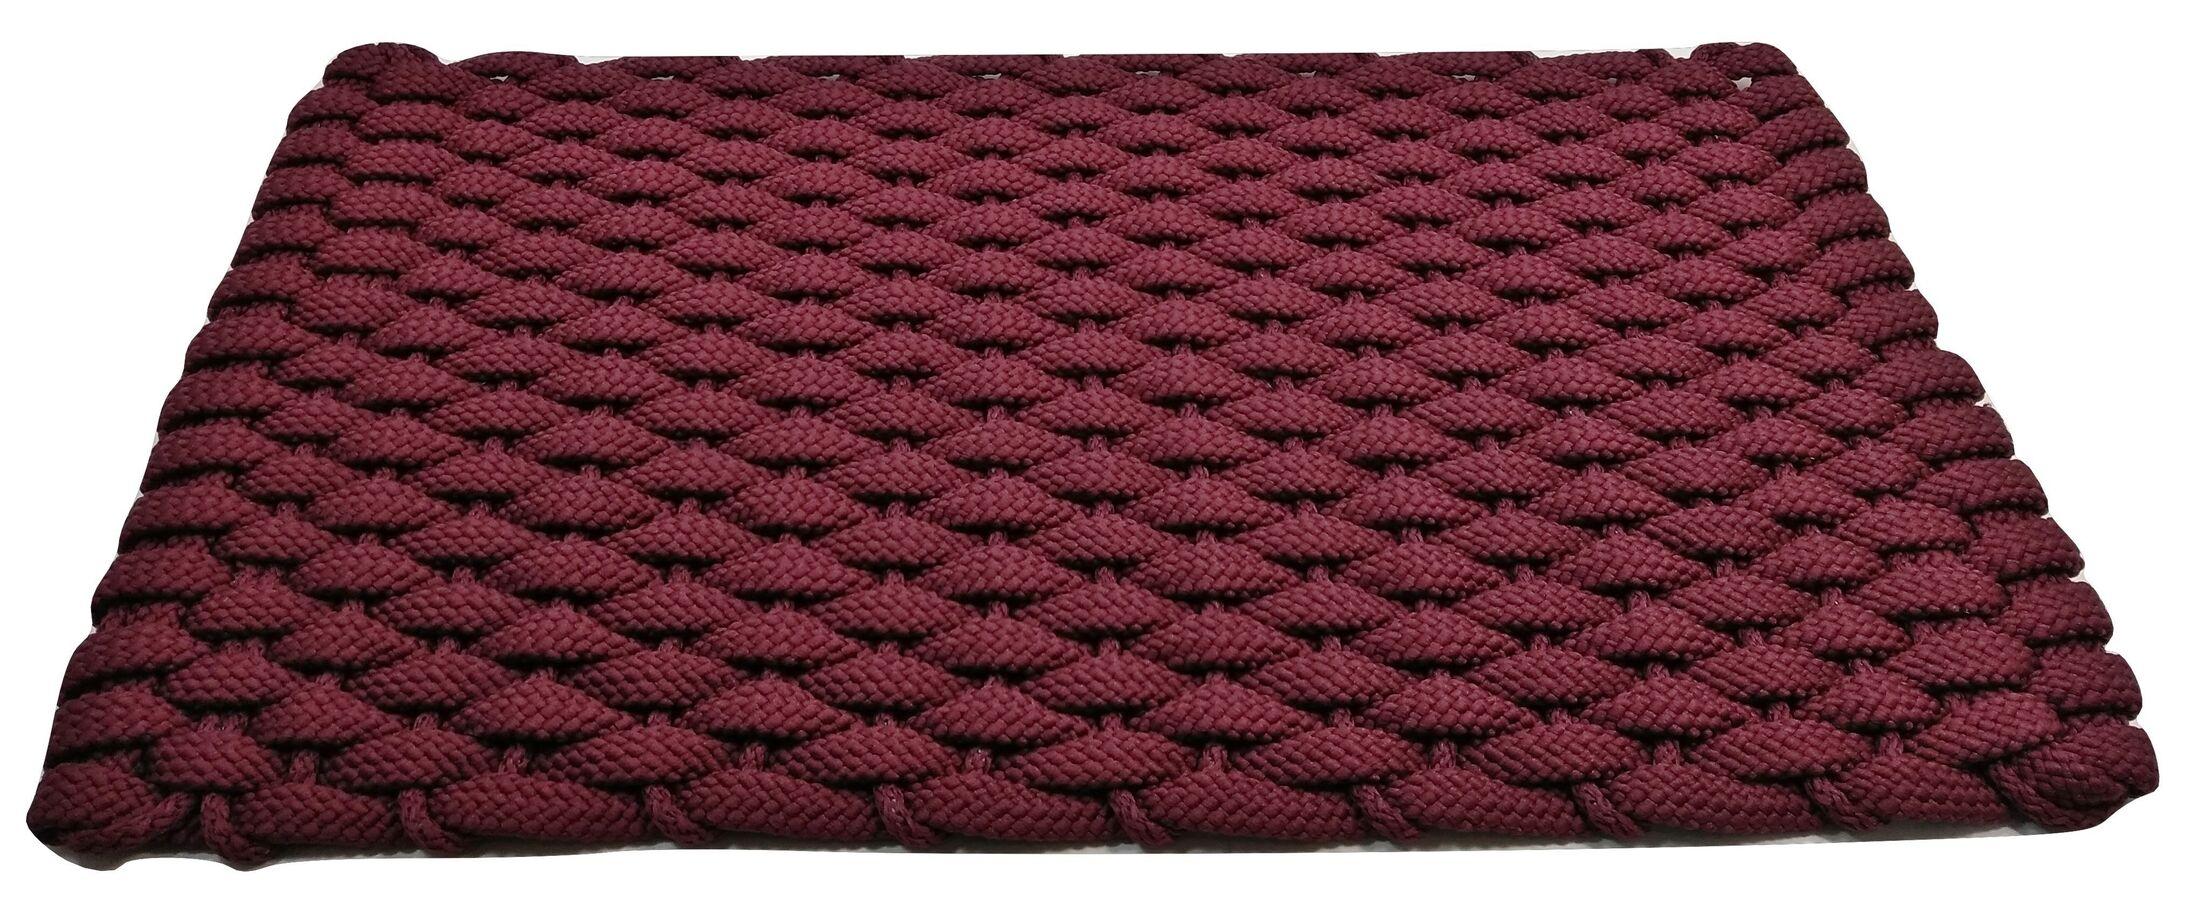 Arron Doormat Mat Size: 1'8